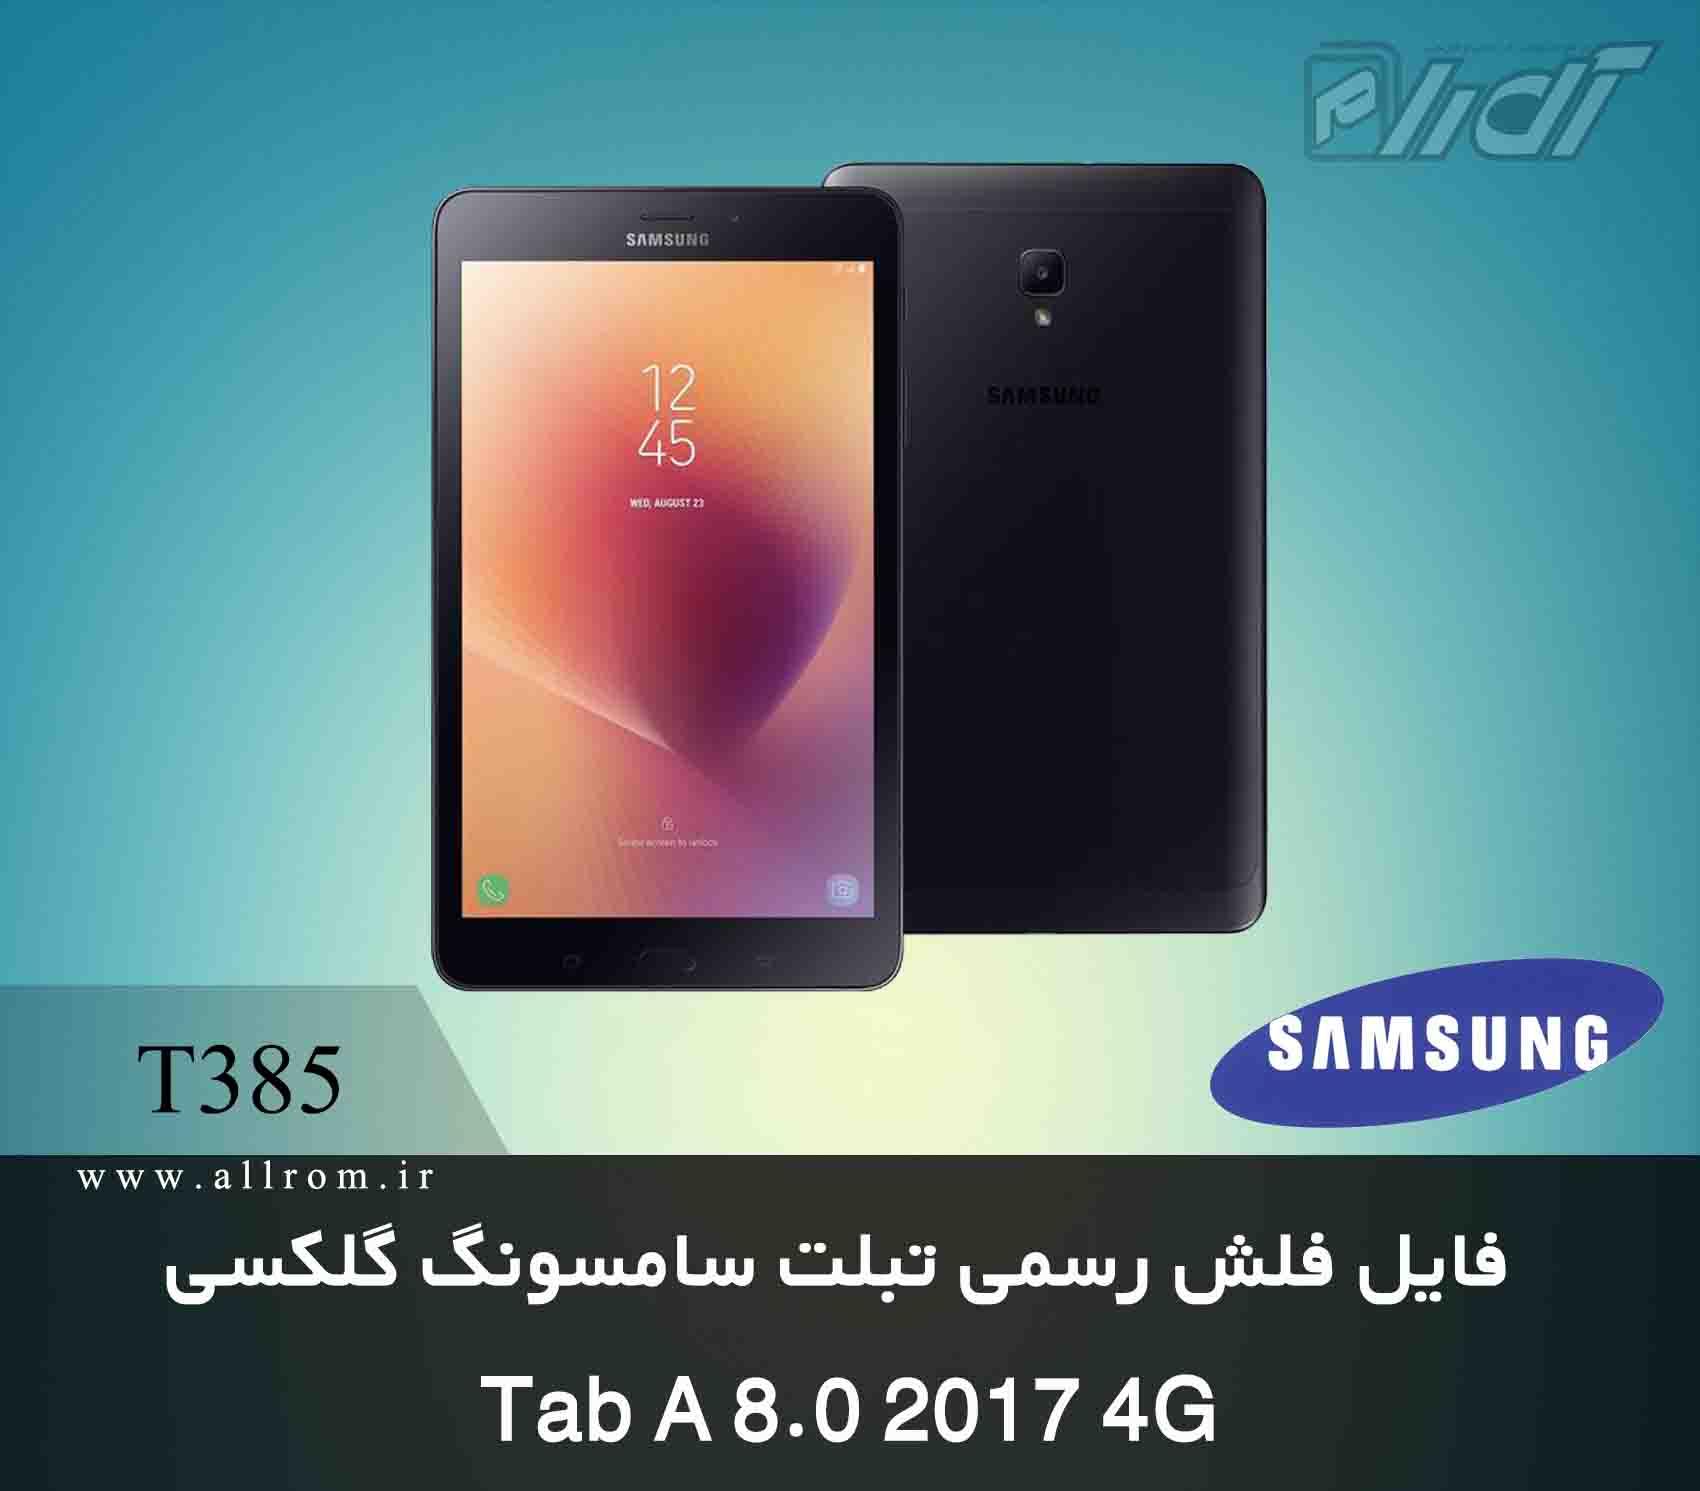 دانلود رام کامبینیشن Samsung Galaxy Tab A 8 2017 SM-T385